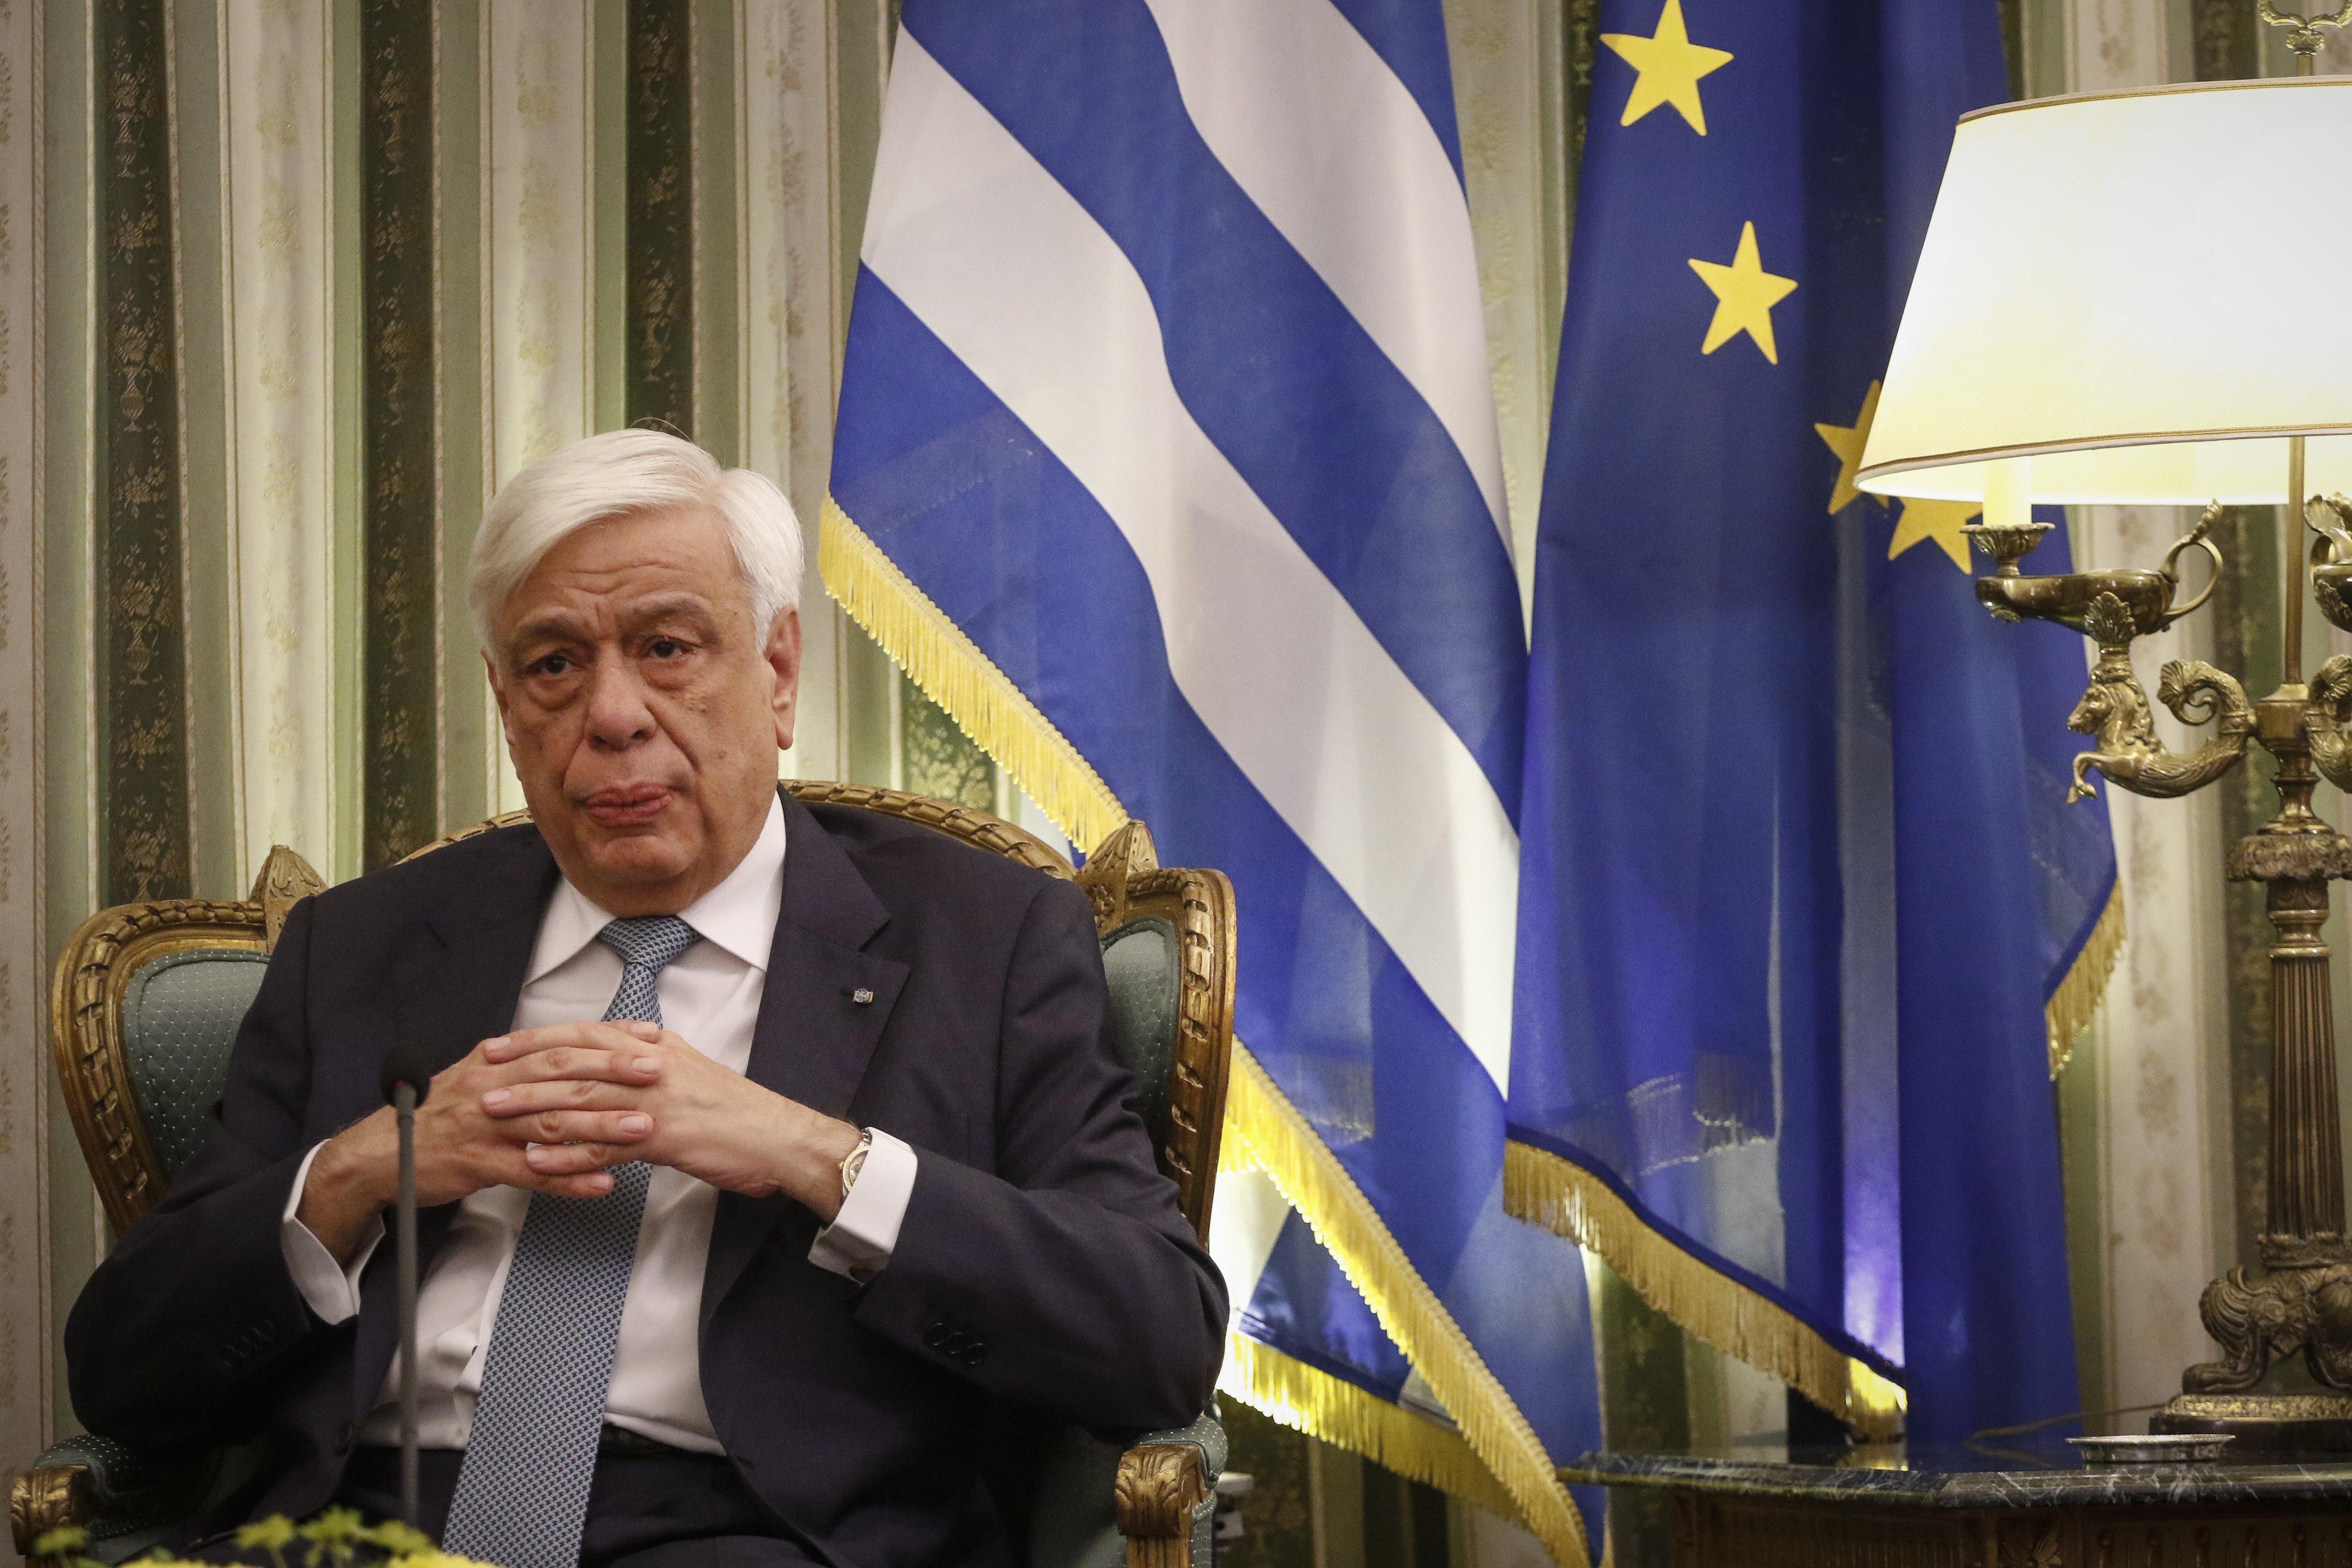 Μήνυμα Παυλόπουλου για την Ημέρα Μνήμης της Γενοκτονίας του Ελληνισμού του